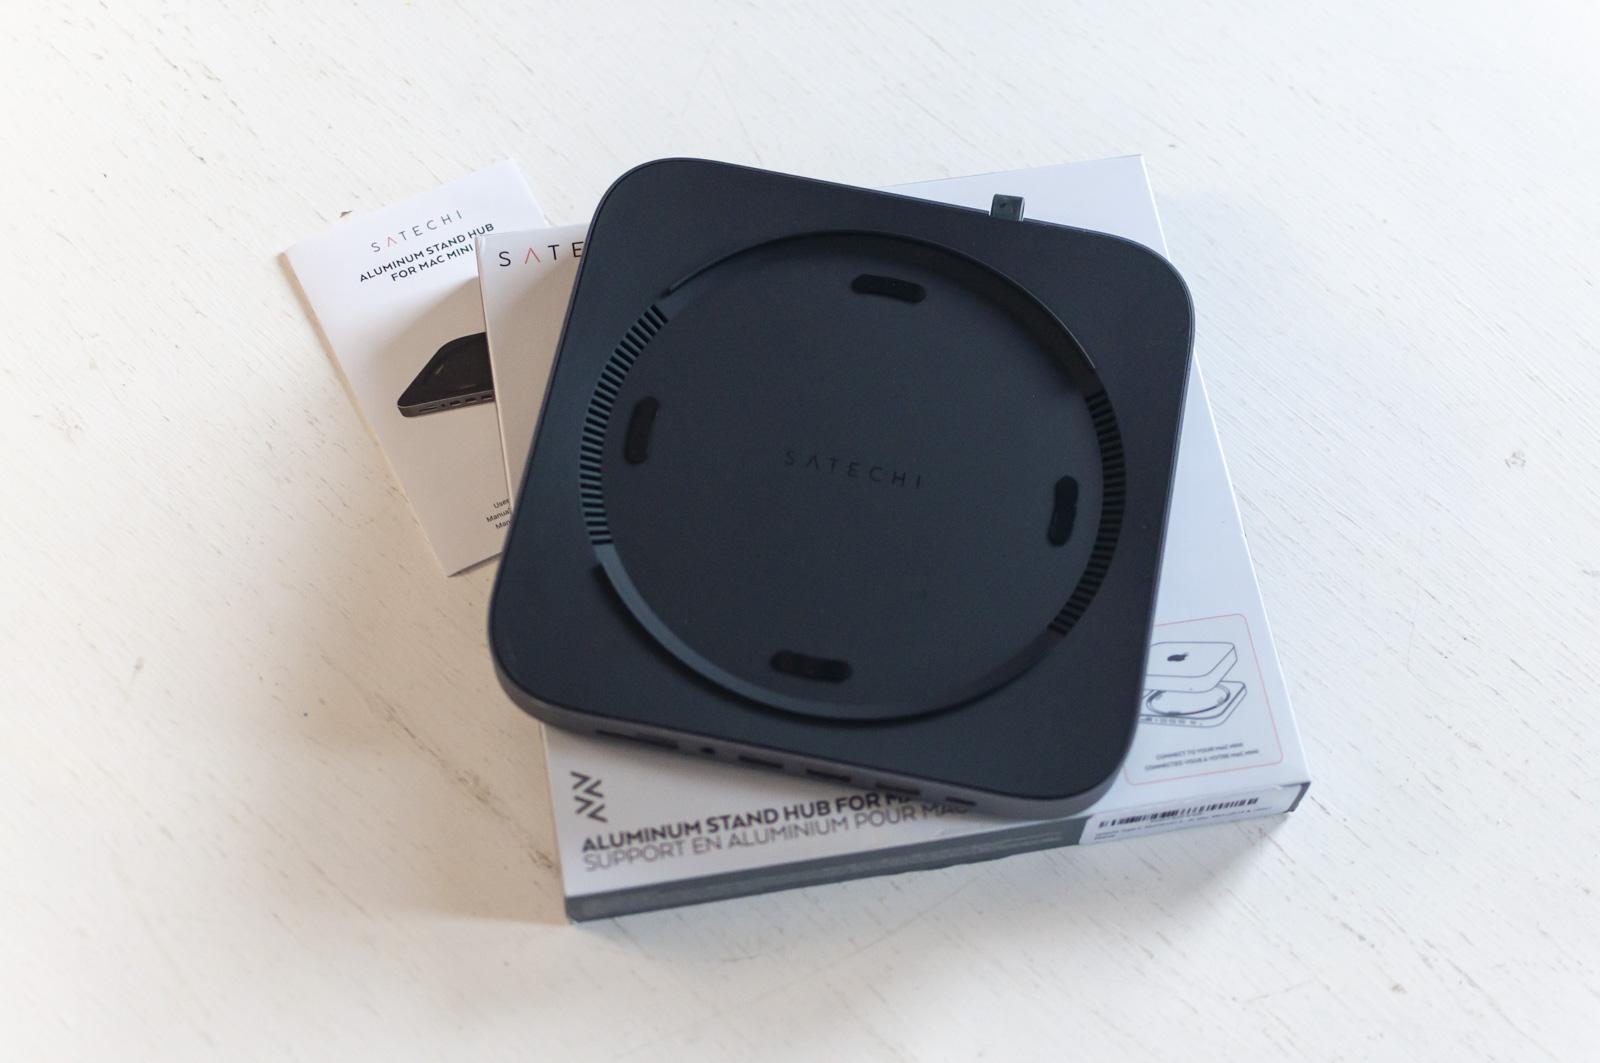 Recensione Satechi Type-C Aluminum Stand & Hub for Mac Mini